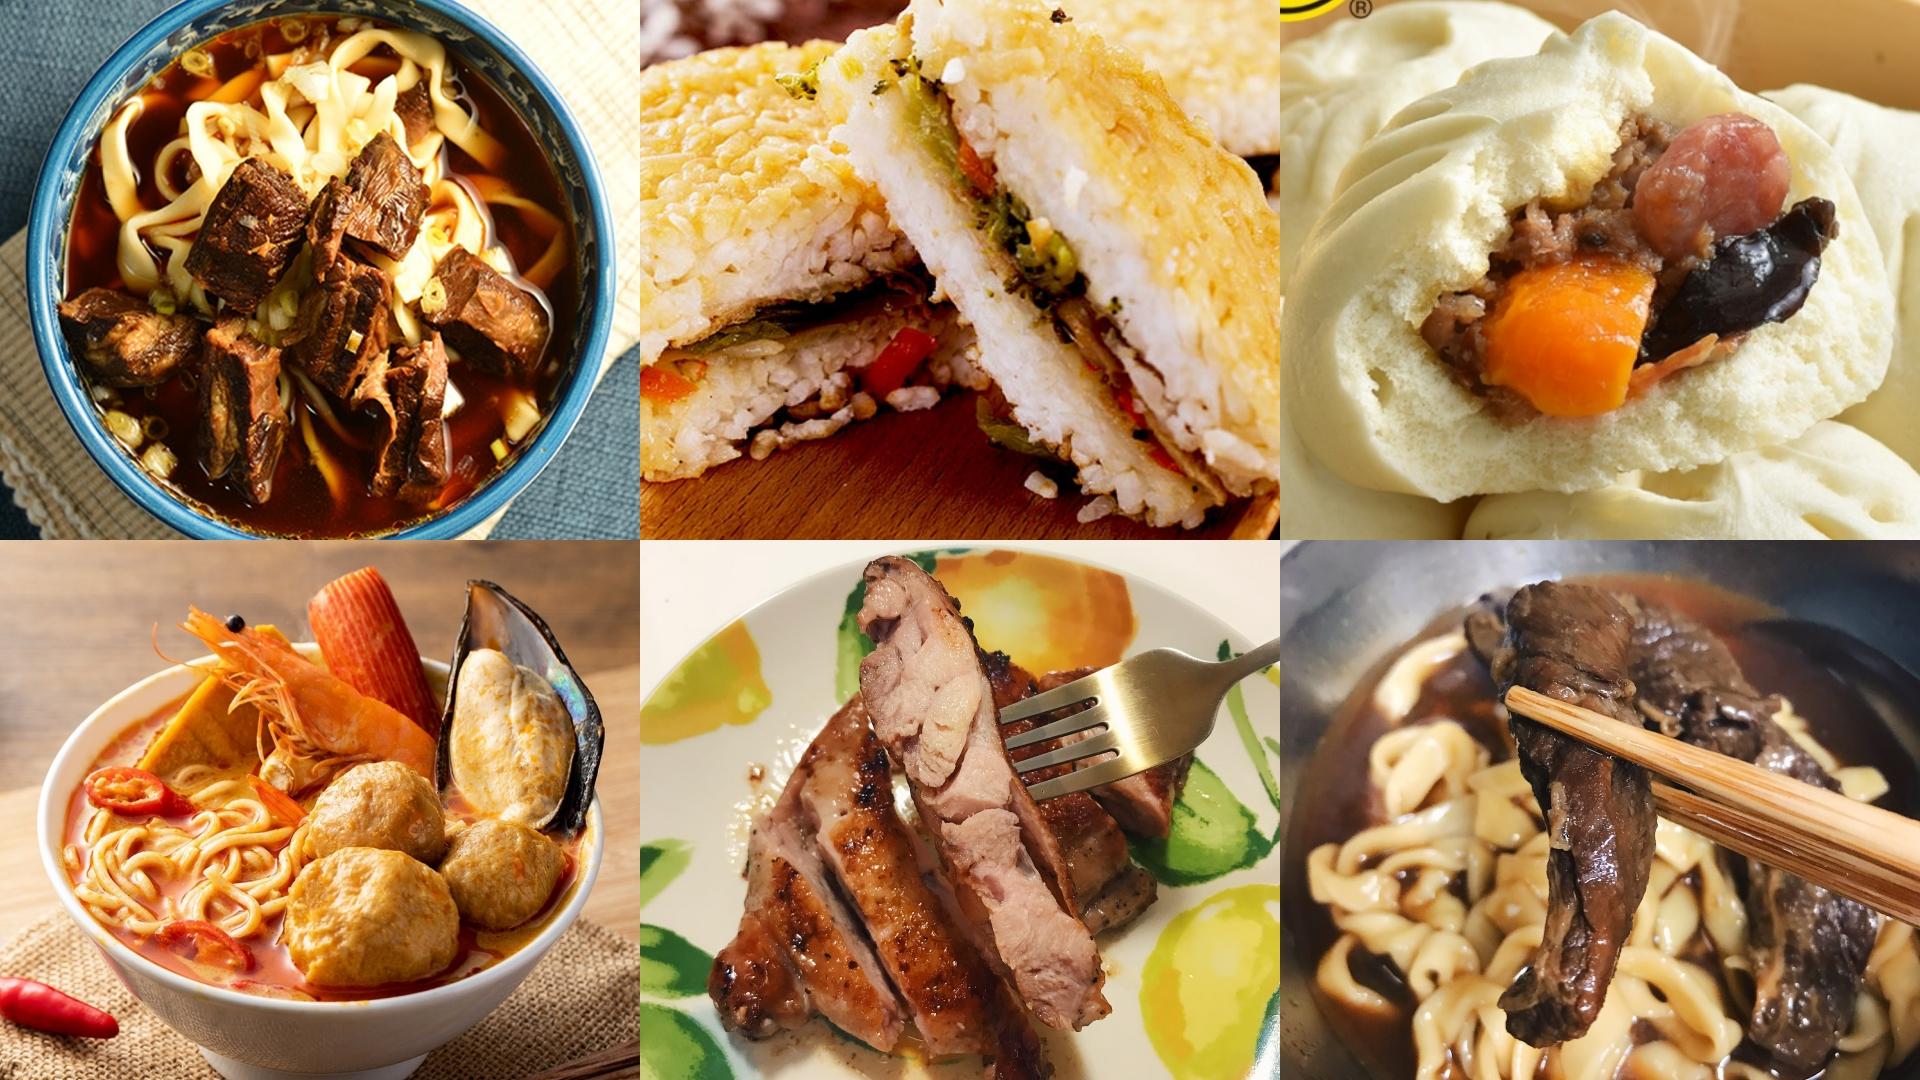 冷凍食品不但方便又好吃,懶人也能輕鬆做!